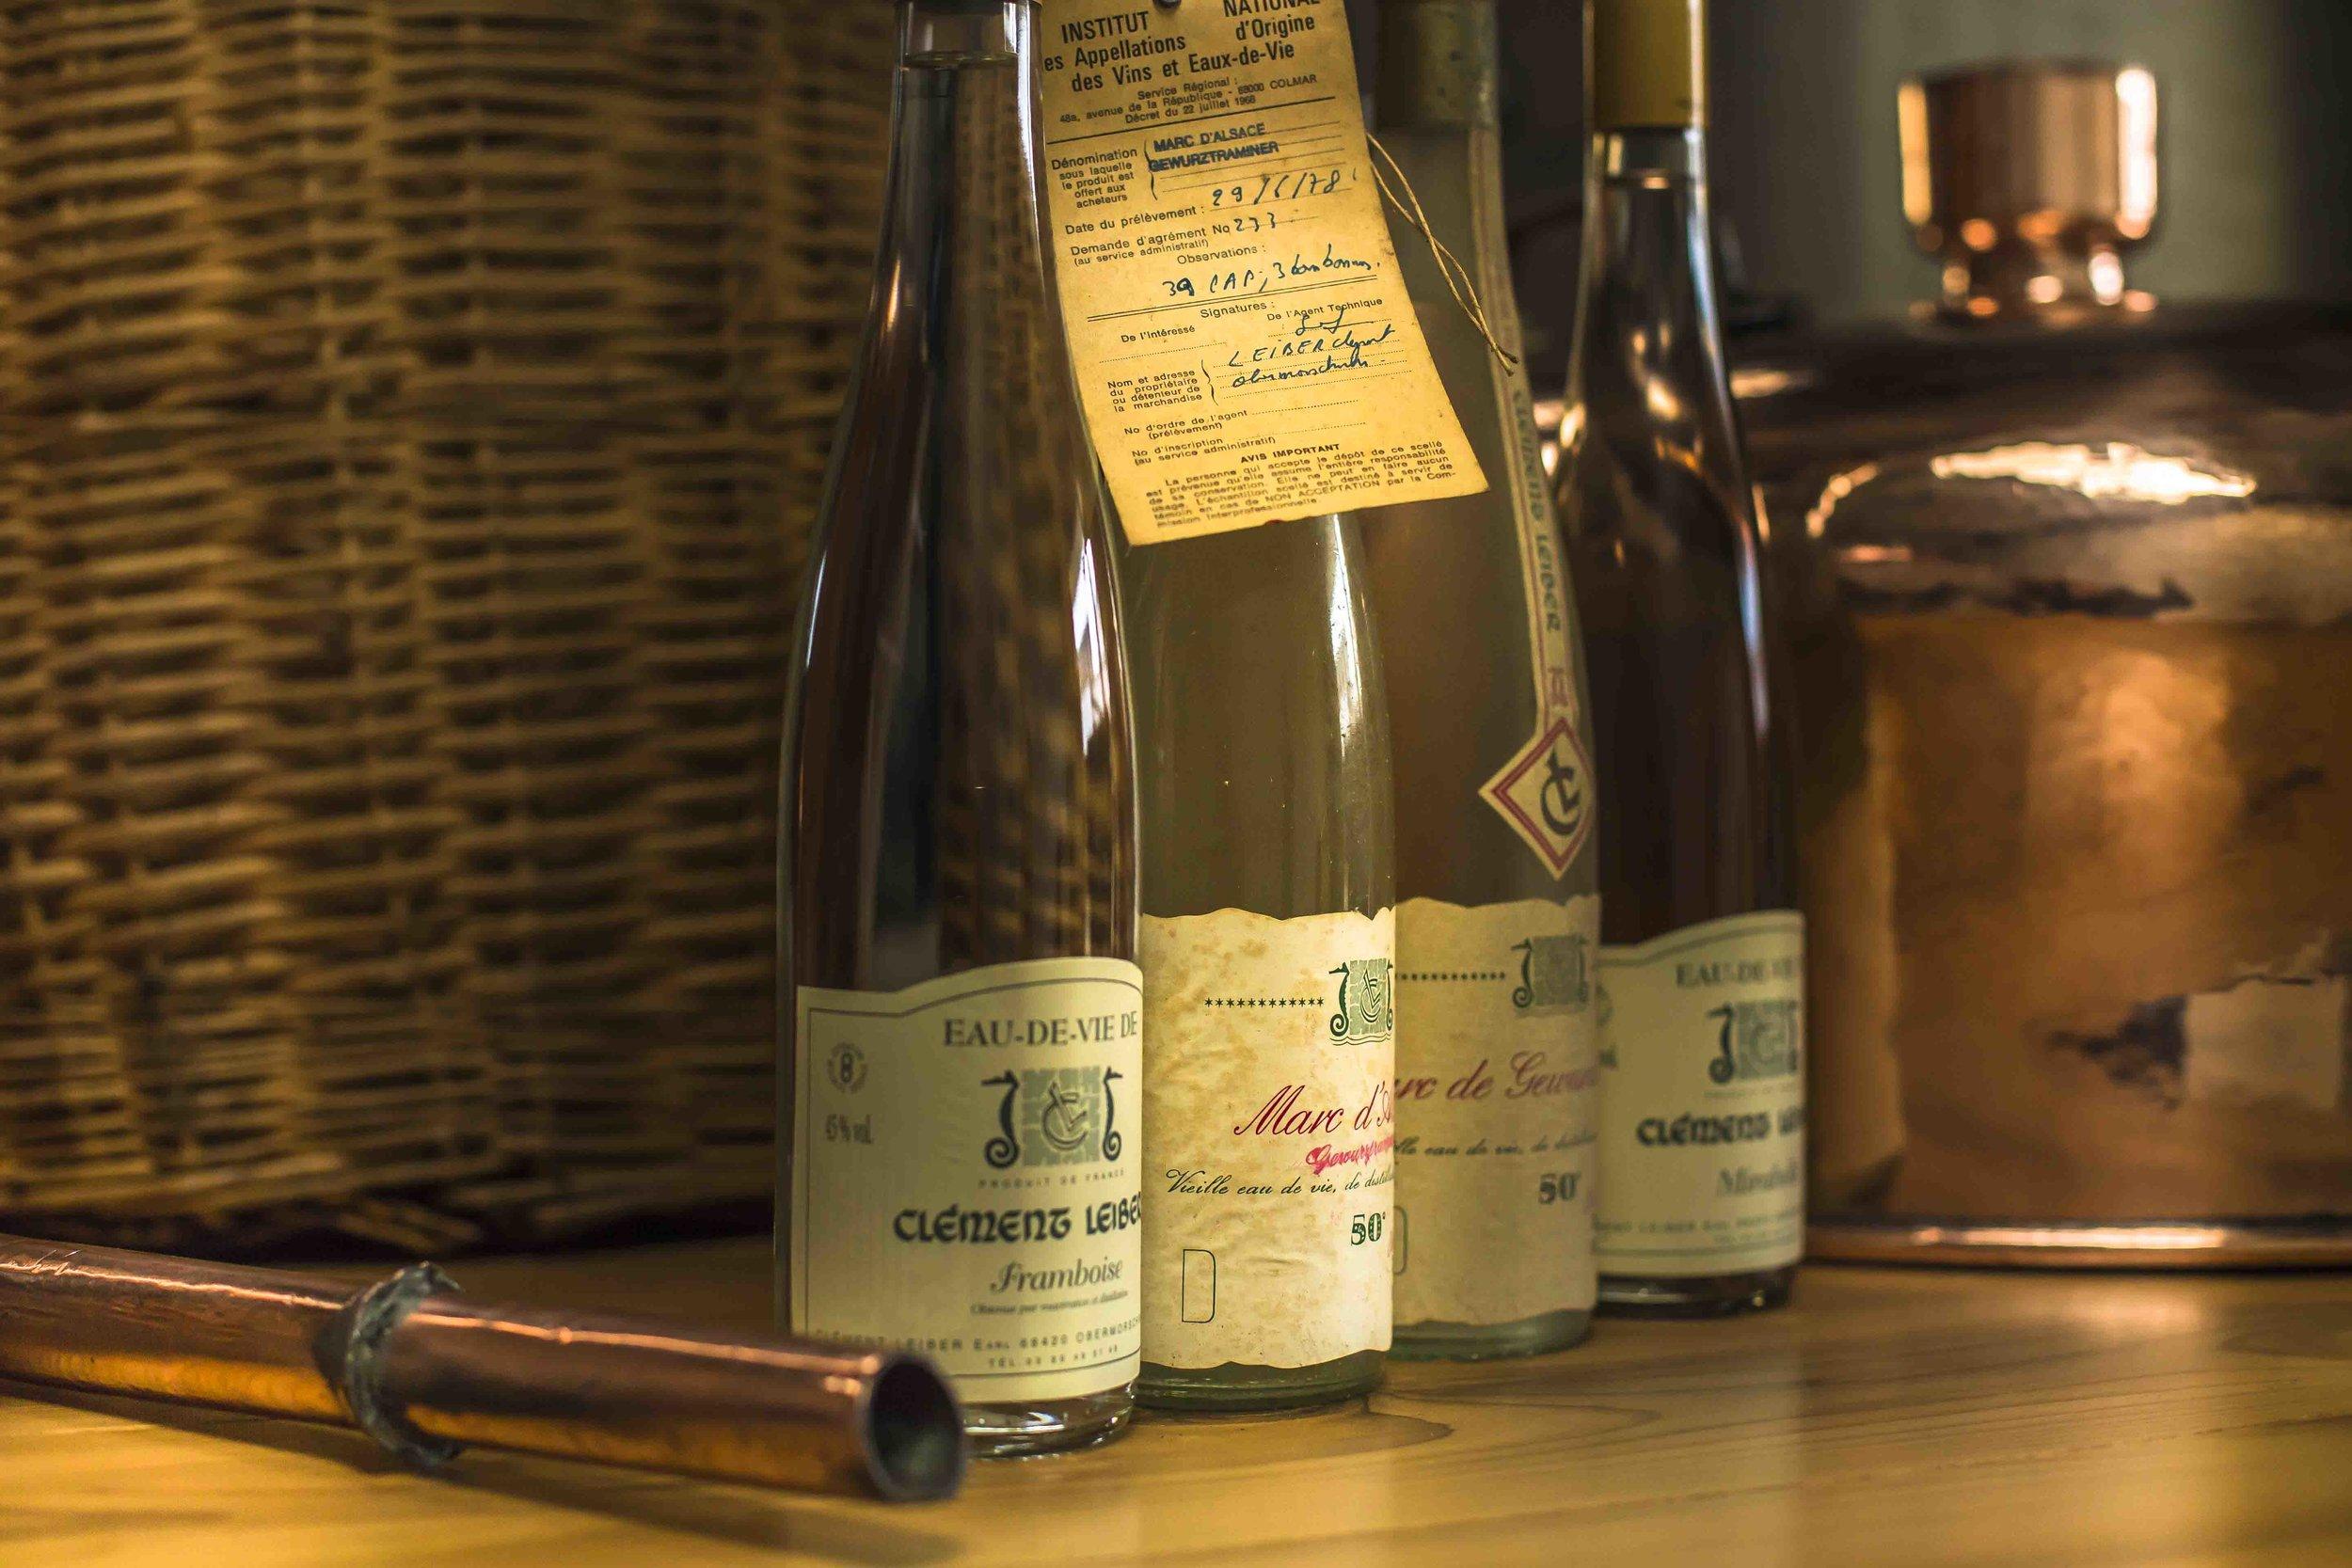 Domaine clement Leiber, Cave à vins, Vigneron-récoltant Grands vins d'Alsace, AOC Alsace grand cru, Vins en Alsace, le cépage alsacien, appellation Alsace grand cru, raisins, riesling, muscat, pinot gris, gewurztraminer, Gewutztaminer vendanges tardives, vendange tardive, vins de terroir alsacien, vins haut de gamme, Alsace grands crus, vins d'Alsace, Obermorschwihr, Colmar, Pfersigberg, Eichberg, cave vinicole, cave viticole, Vigneron-récoltant, Artisan vigneron, Serge Leiber, Centon d'Alsace, Pinot Blanc, Muscat d'Alsace, Rosé d'Alsace, Pinot Noir, Crémant d'Alsace, Crémant d'Alsace Rosé, Crémant d'Alsace Brut Impérial MAGNUM, Riesling Terre Jaune, Pinot Gris, Grand Cru Pfersigberg, Gewurztraminer Grand Cru Eichberg, Pinot Gris 2015 Barrique des Perles, Gewurztraminer 2015 Lune Rouge, Eaux-de-Vie, Quetsch d'Alsace, Marc de Gewurztraminer, Kirsch, Mirabelle, Poire William, Framboise, oenotourisme, Domaine viticole, domaine vinicole, Caves de Voegtlingshoffen, Cave à vins Eguisheim, Dégustation de vins alsacien, Dégustation et vente de vins alsaciens, Caves de Herrlisheim, Caves de Husseren-Les-Châteaux, Caves de Gueberschwihr,